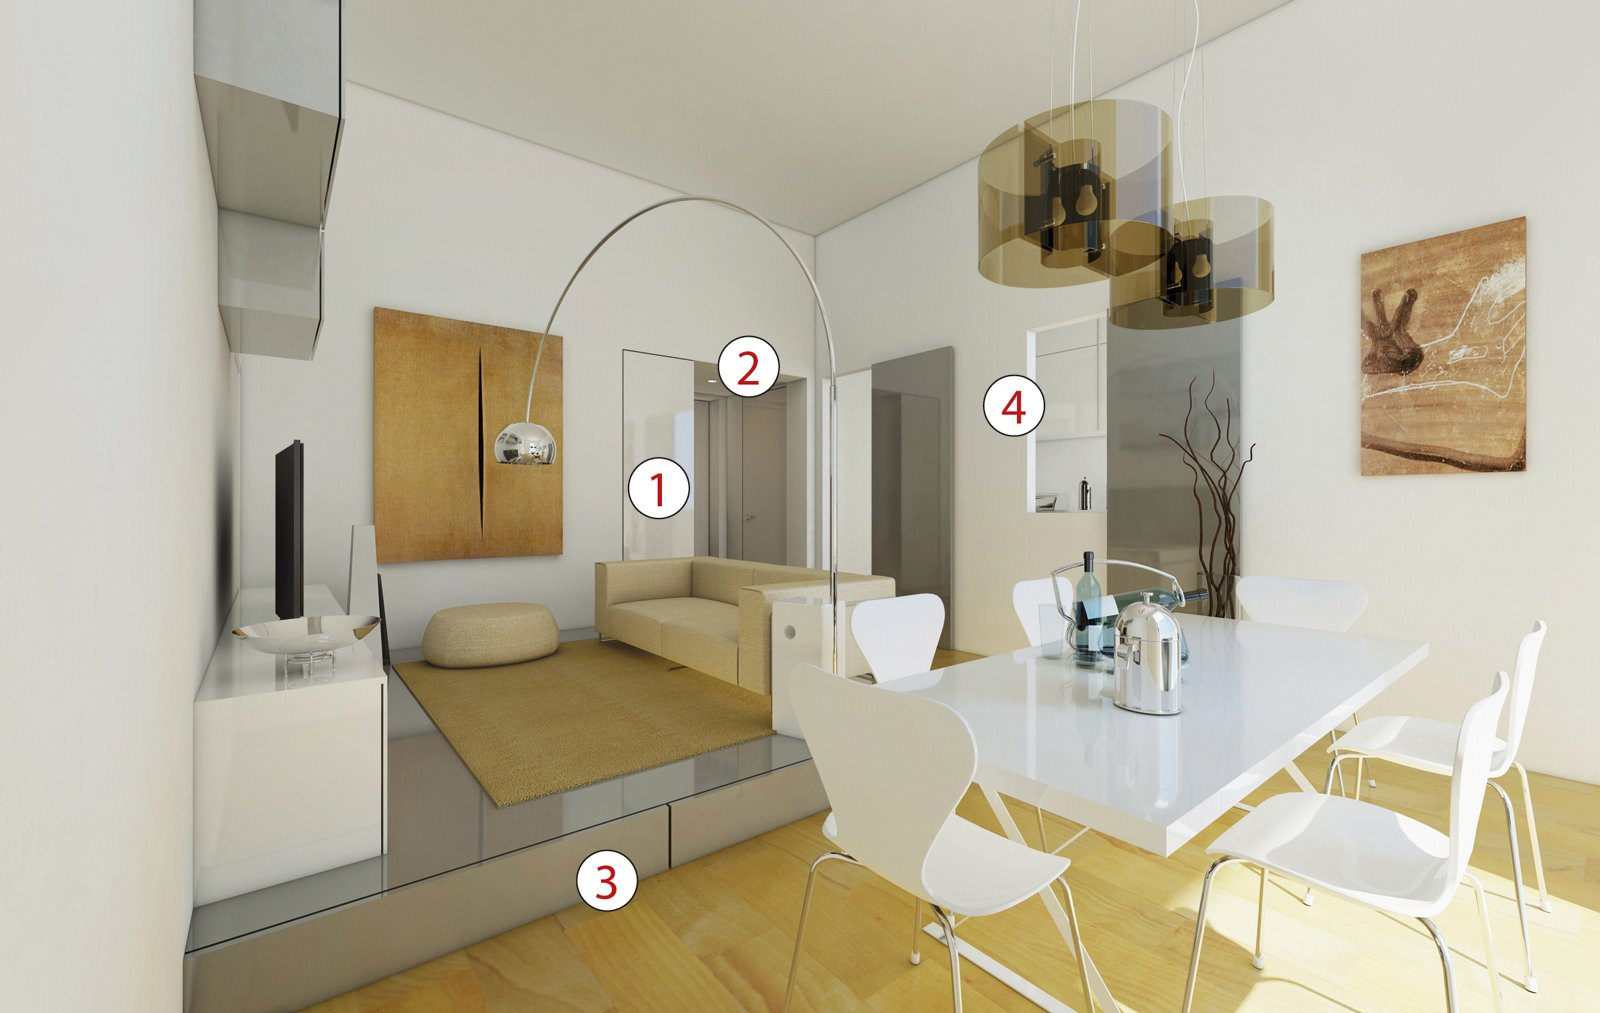 Casa moderna roma italy illuminazione soggiorno moderno - Luci soggiorno moderno ...